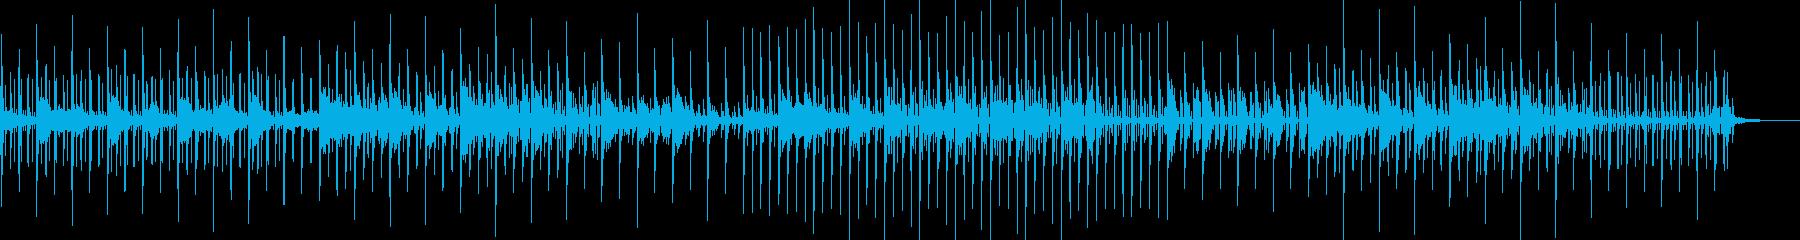 グラマー。セクシーな声の再生済みの波形